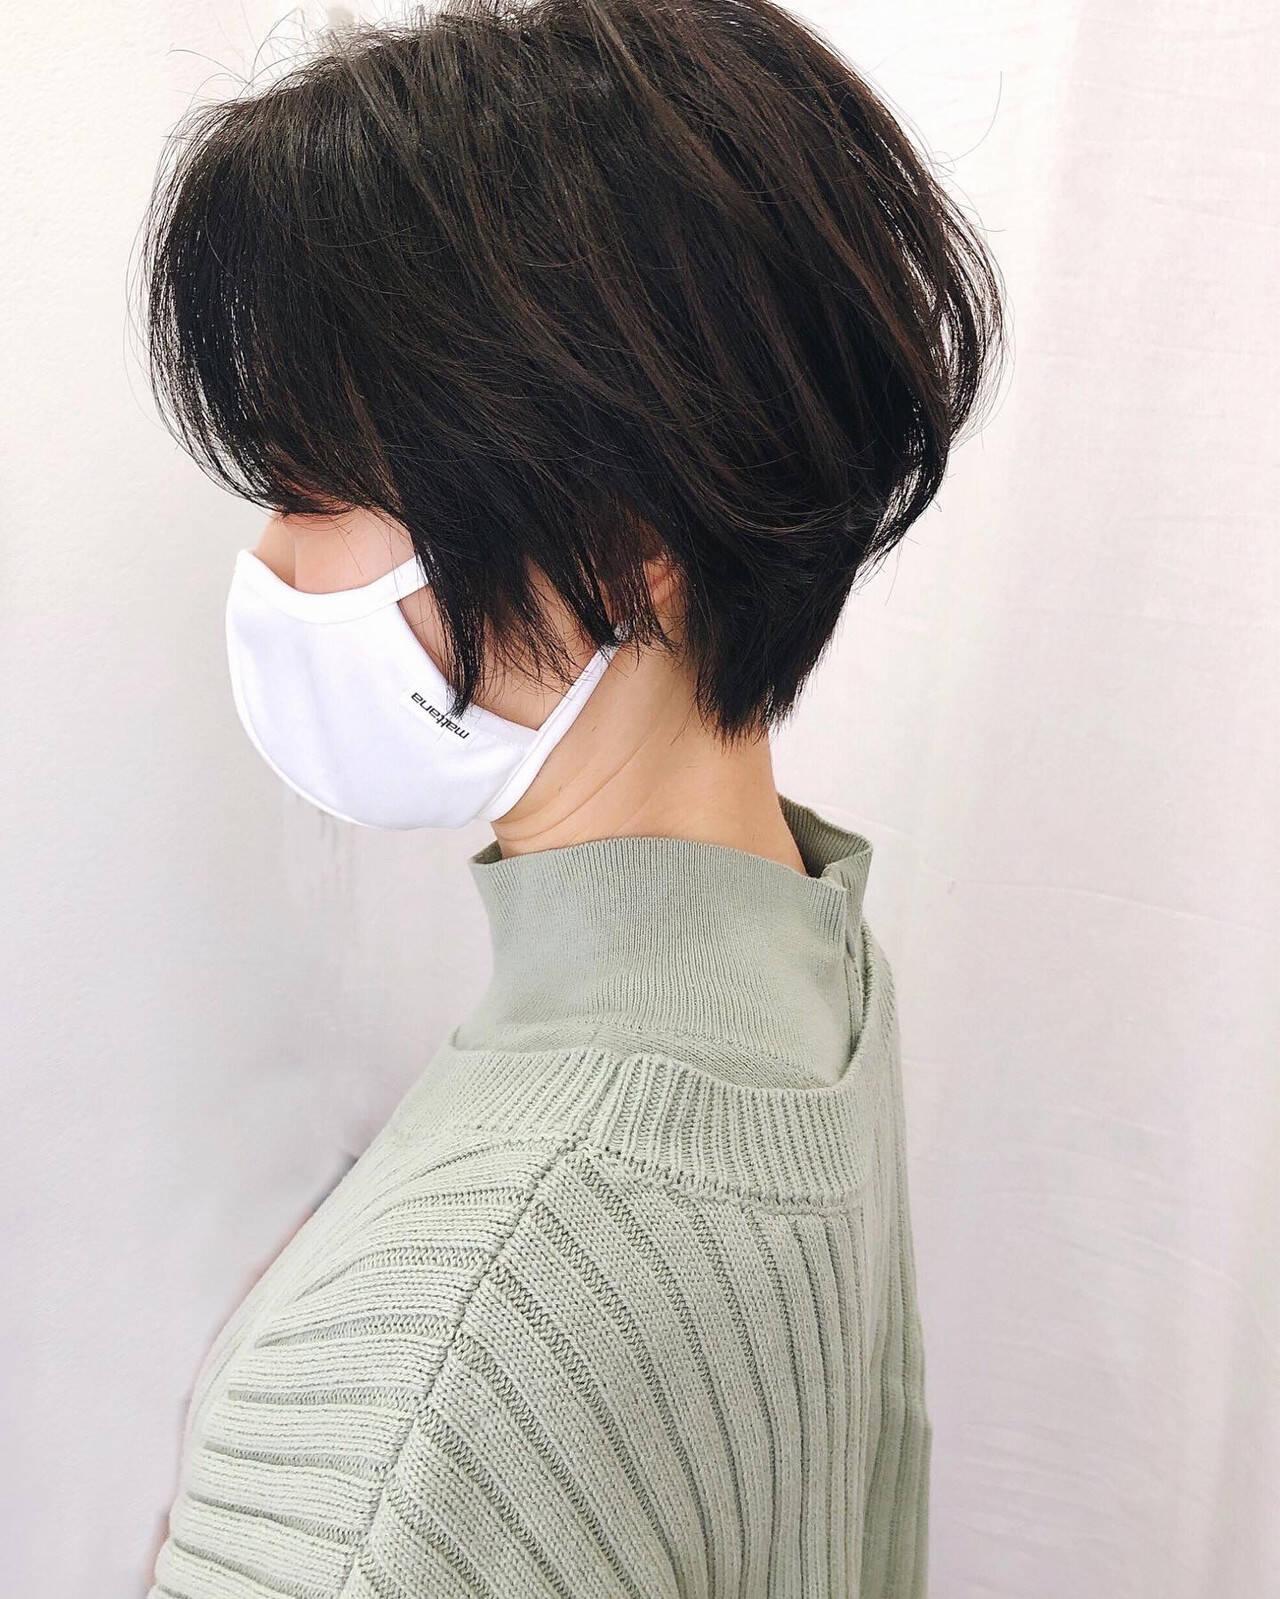 ショートヘア ショートボブ 黒髪 ナチュラルヘアスタイルや髪型の写真・画像